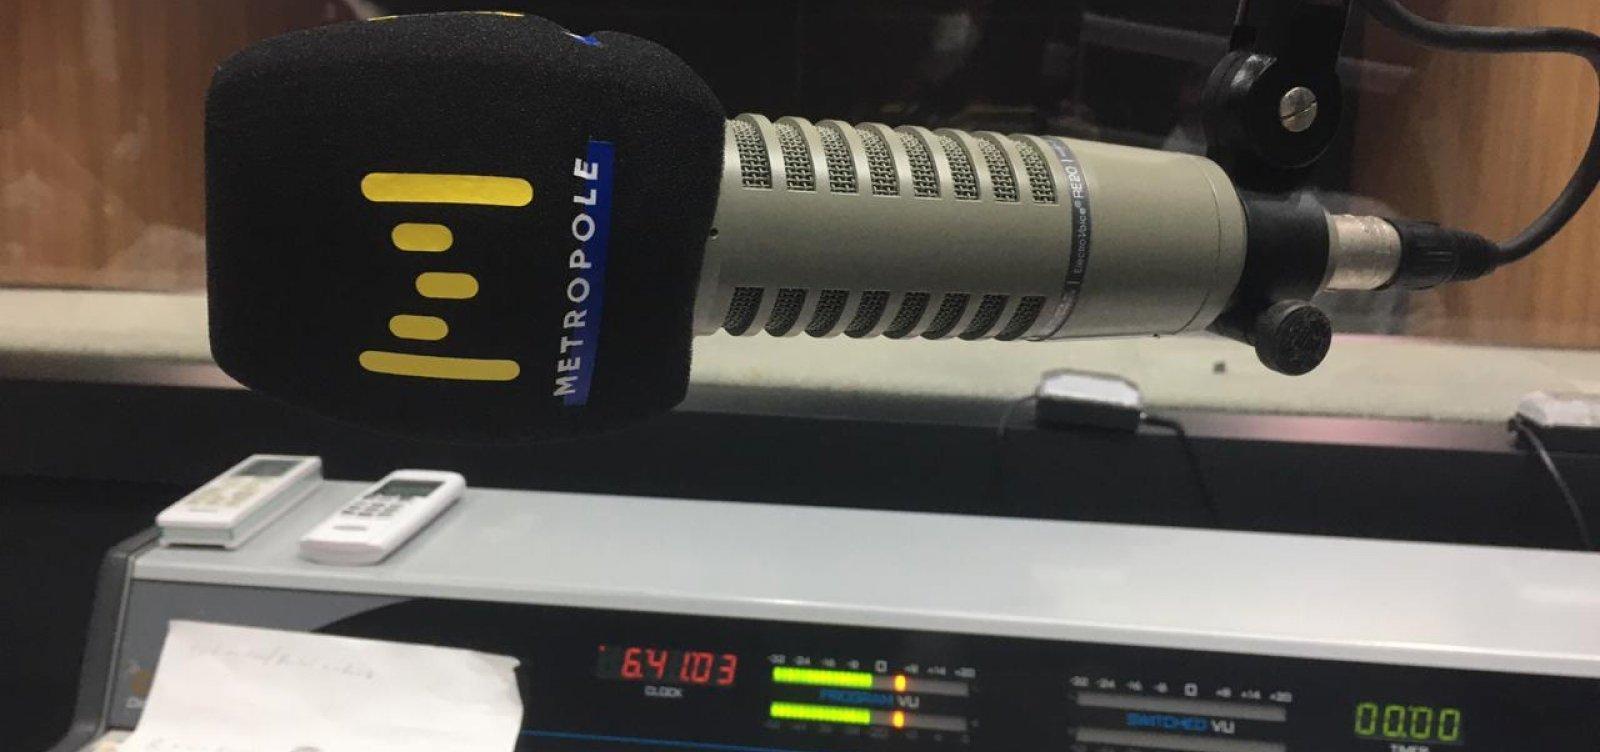 PodKertész: segundo episódio conta história do rádio e relação da Metropole com a tecnologia